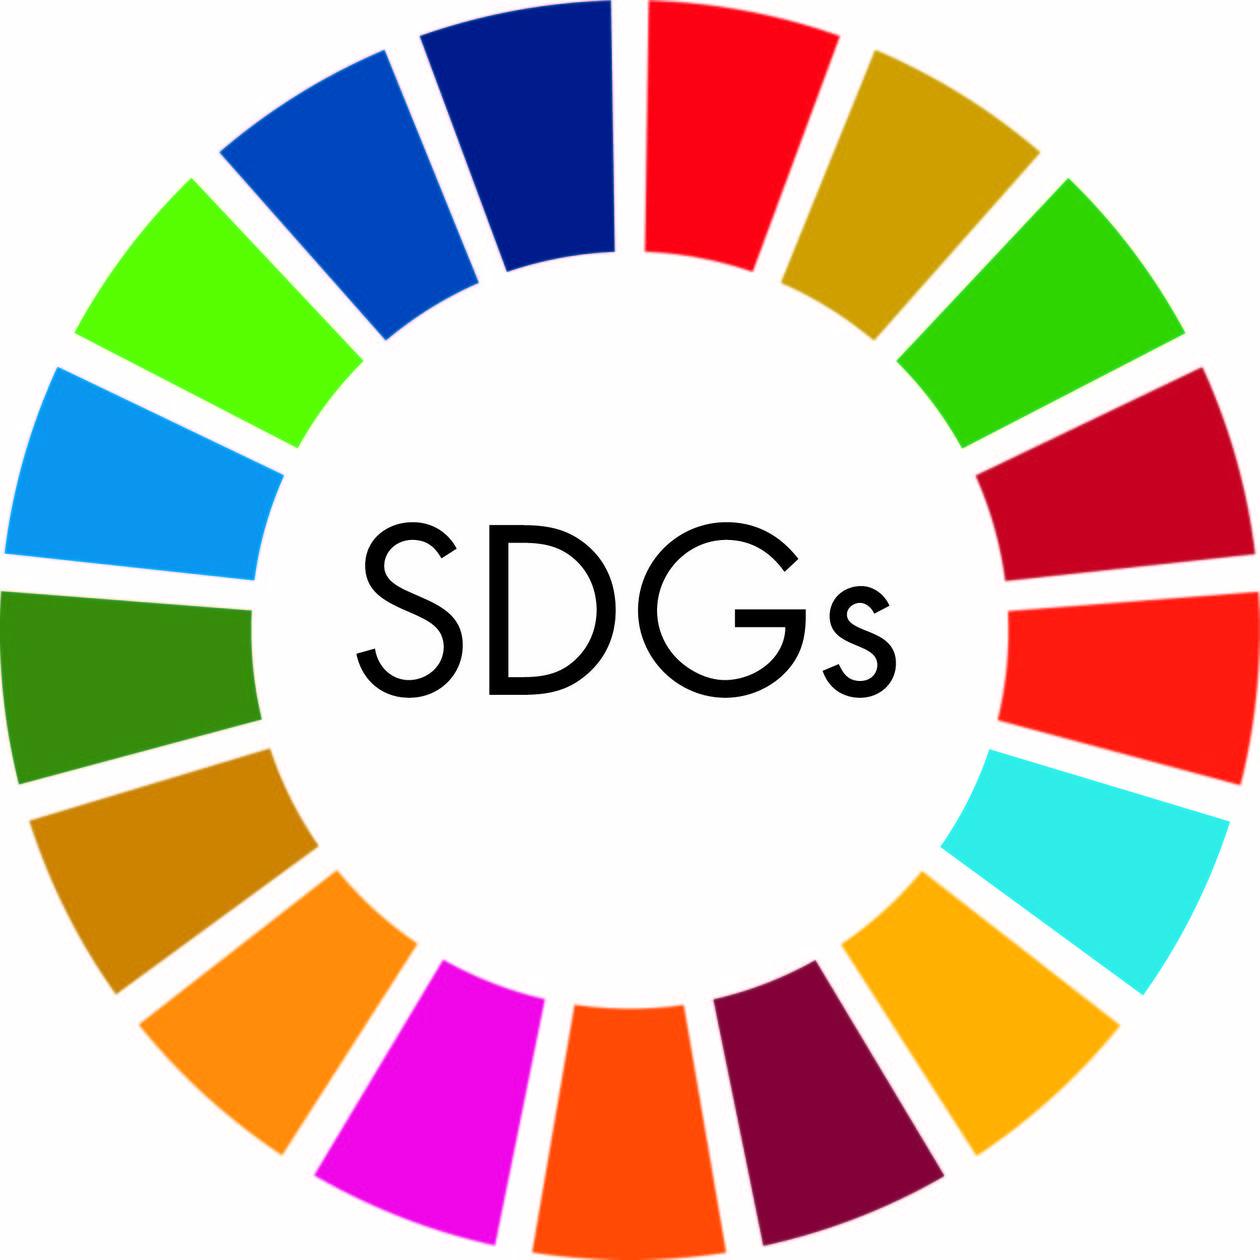 SDGs達成のためにプログラミングができること